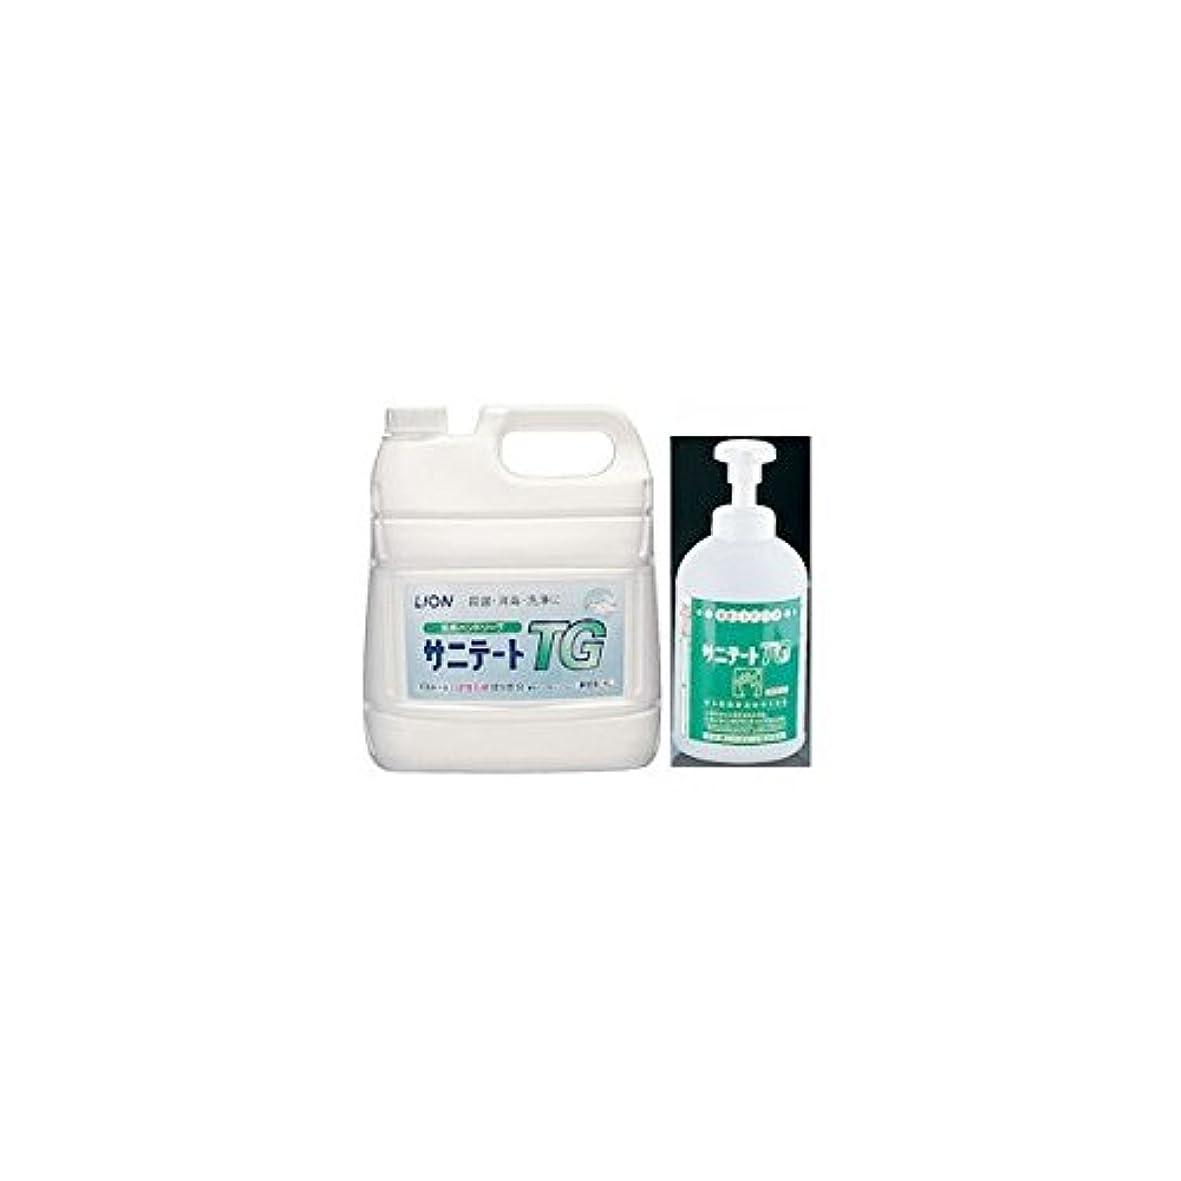 パール生理等々ライオン薬用ハンドソープ サニテートTG 4L 700ML泡ポンプ付 【品番】JHV3001